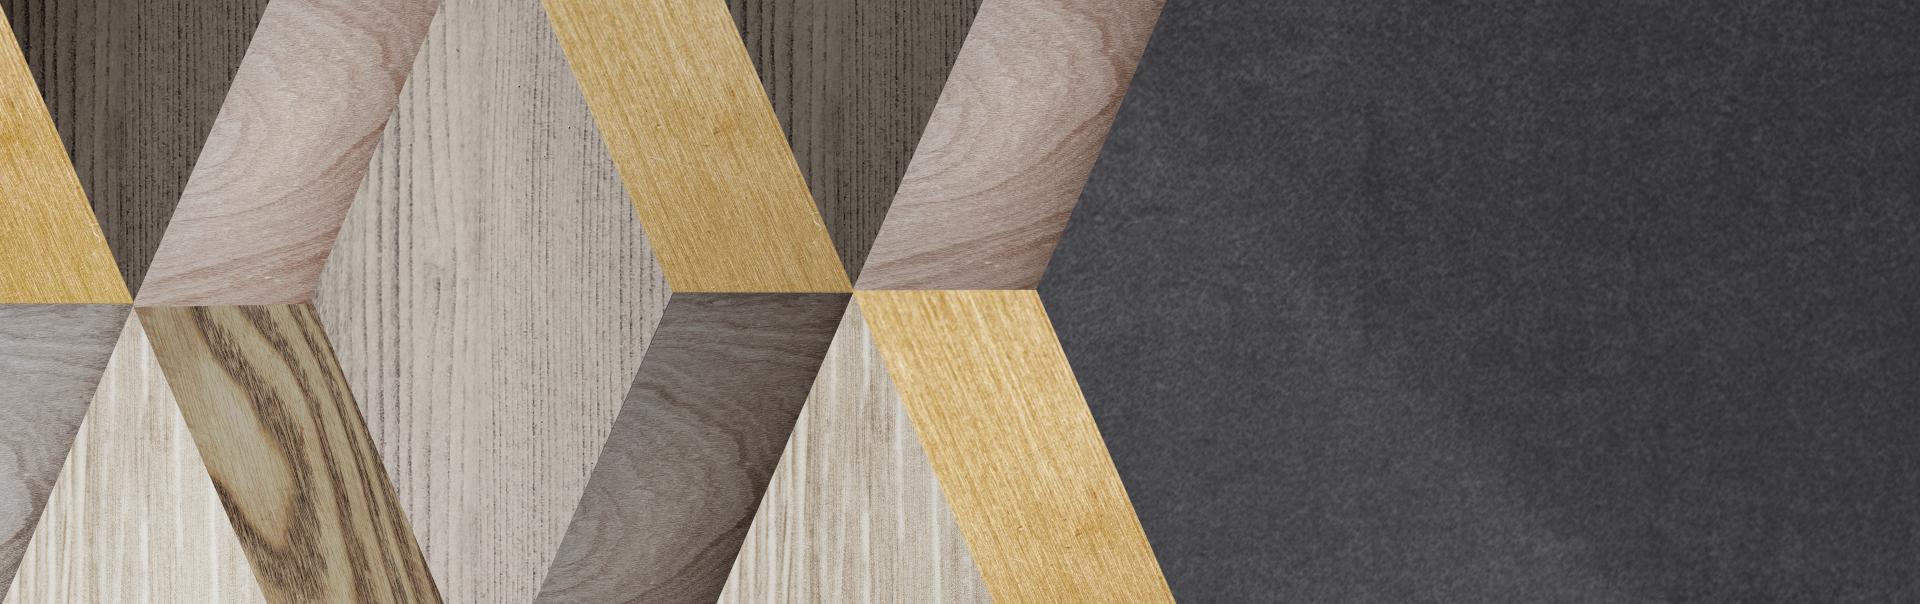 Création et fabrication d'objets et cubes en bois.